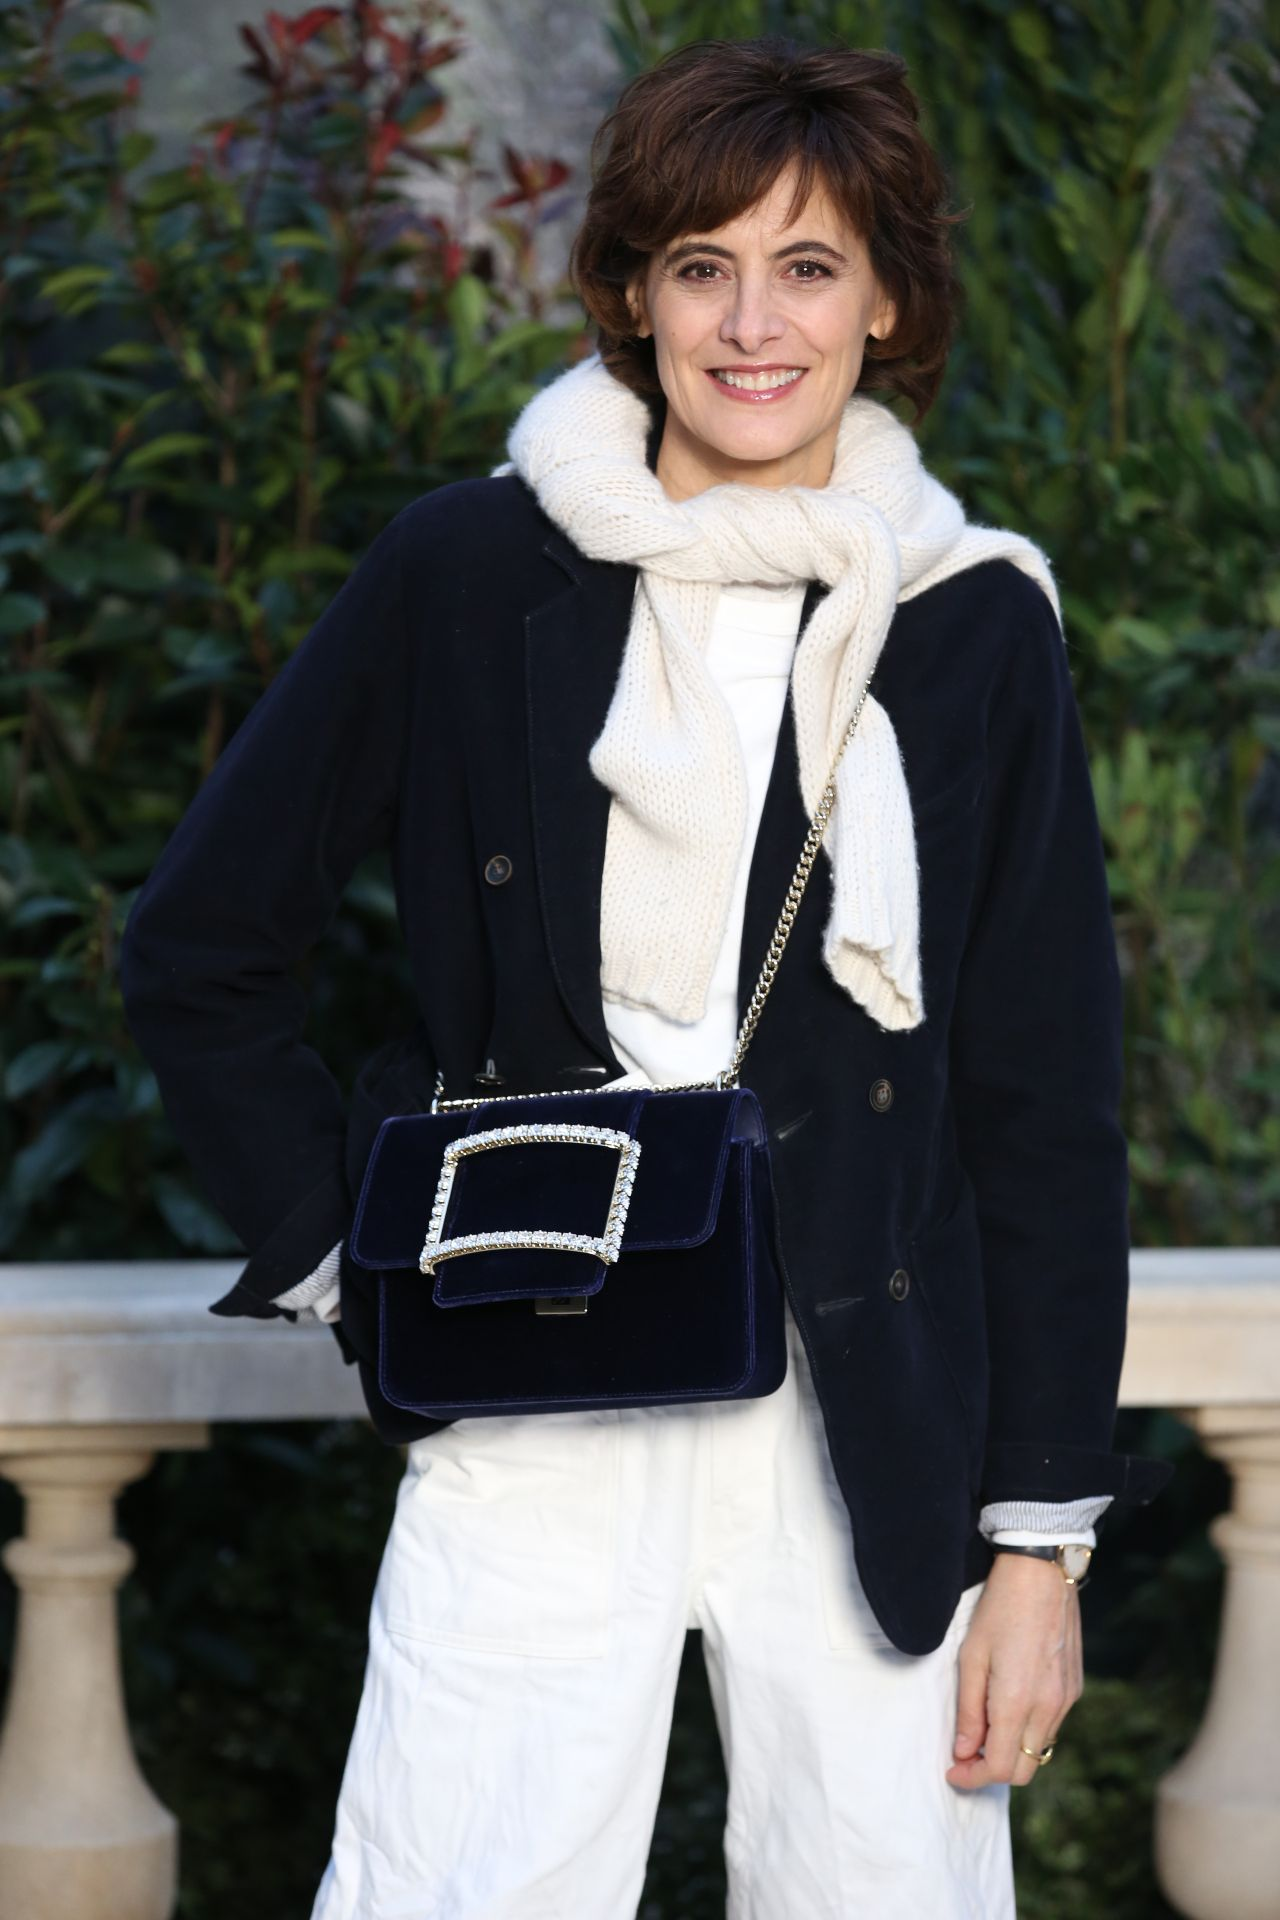 Ines De La Fressange 2019 : fressange, Inès, Fressange, Chanel, Paris, 01/22/2019, CelebMafia